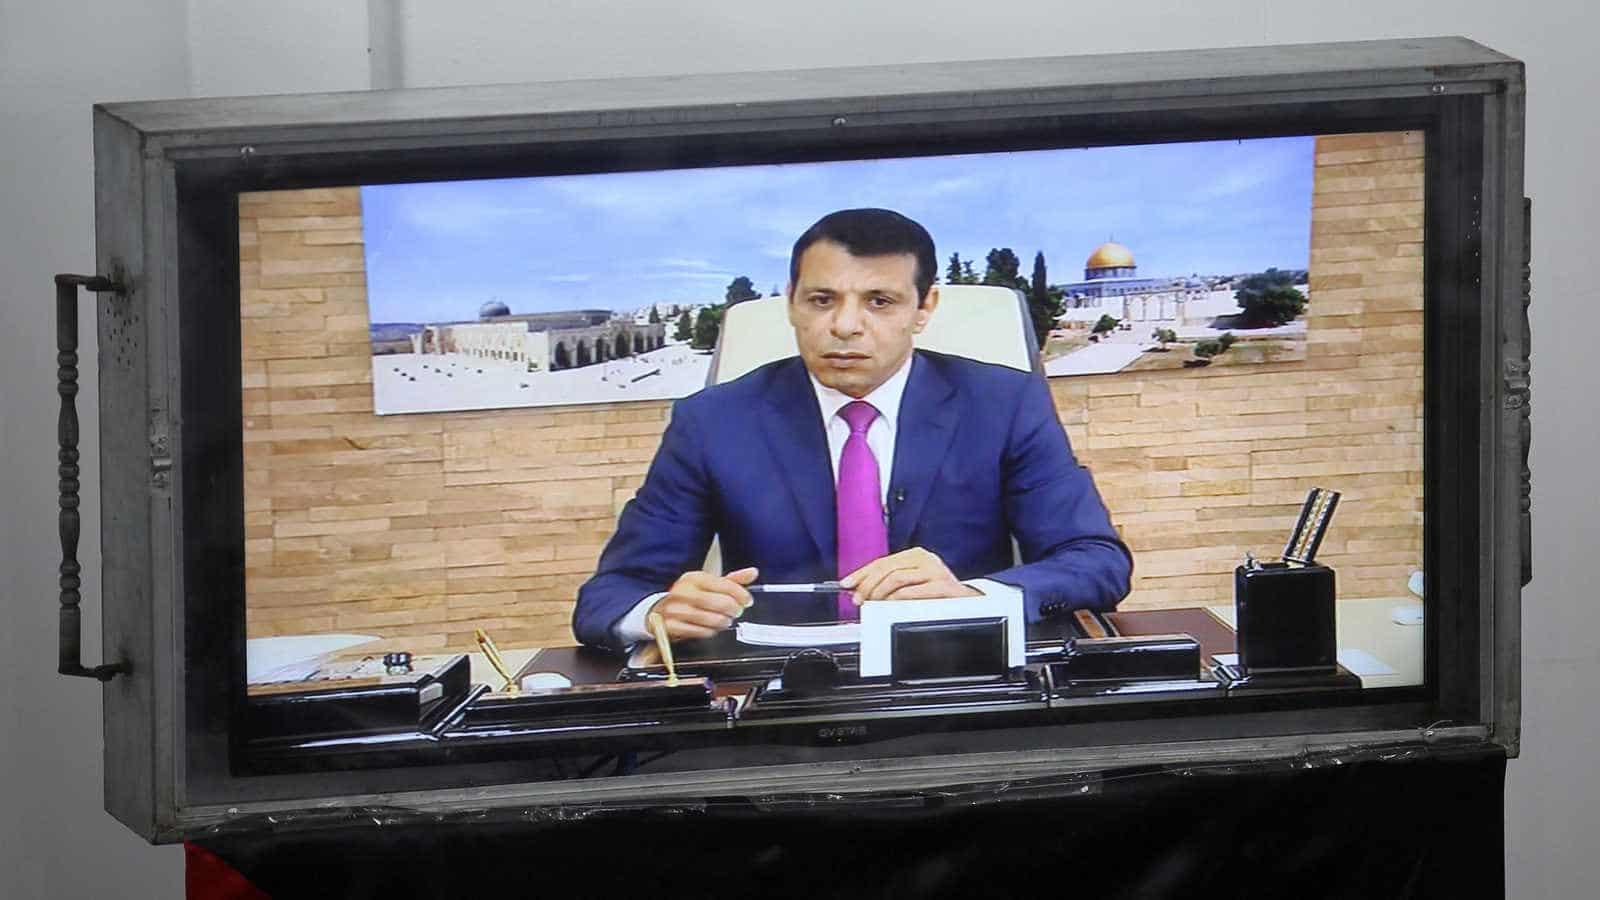 مصنع لإنتاج الأوكسجين السائل وصل من الإمارات لغزة بإمضاء محمد دحلان.. على ماذا ينوي رجل ابن زايد؟